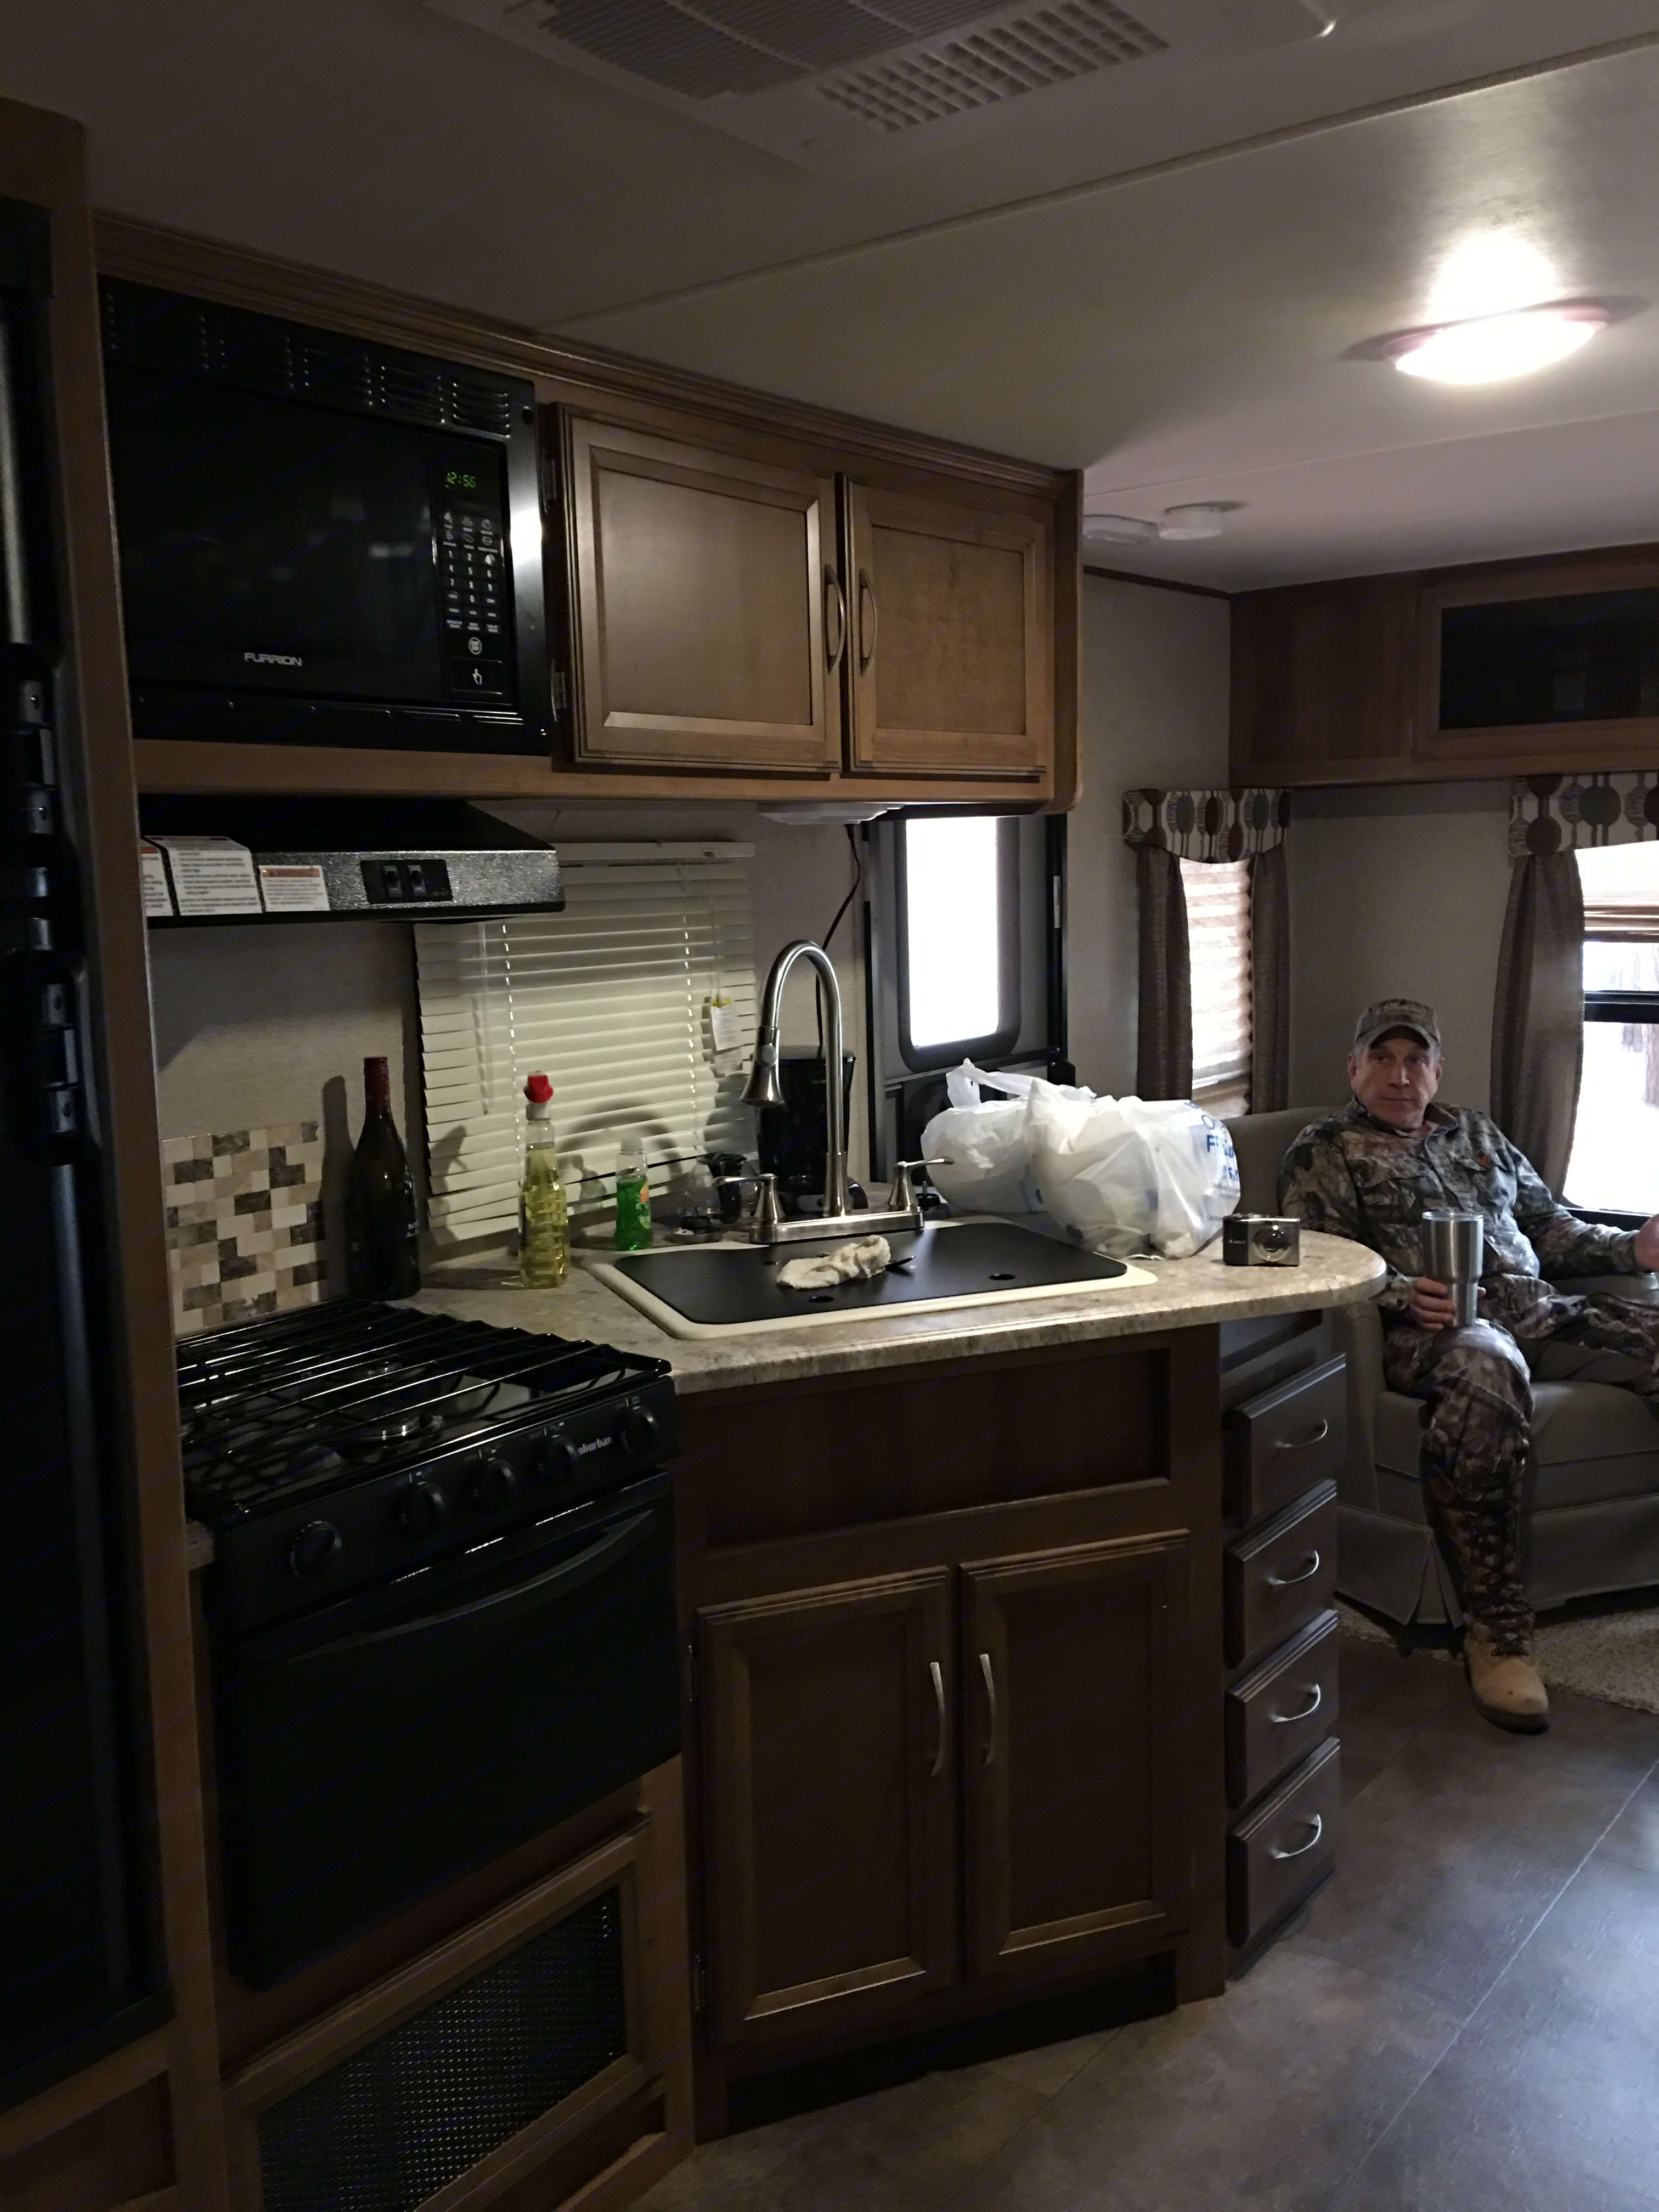 Kitchen area. Coachmen Apex 2016